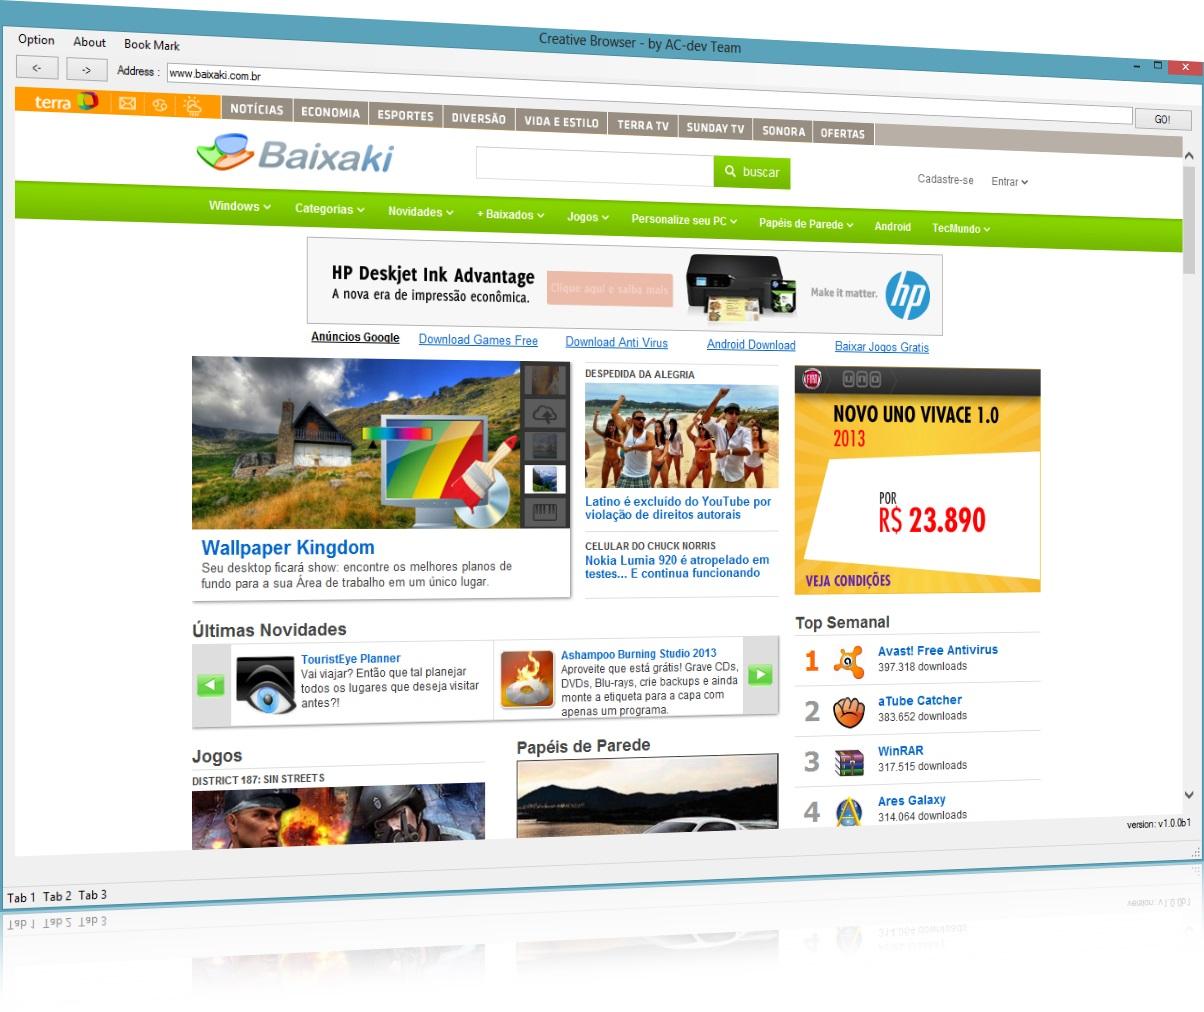 Creative Browser - Imagem 1 do software